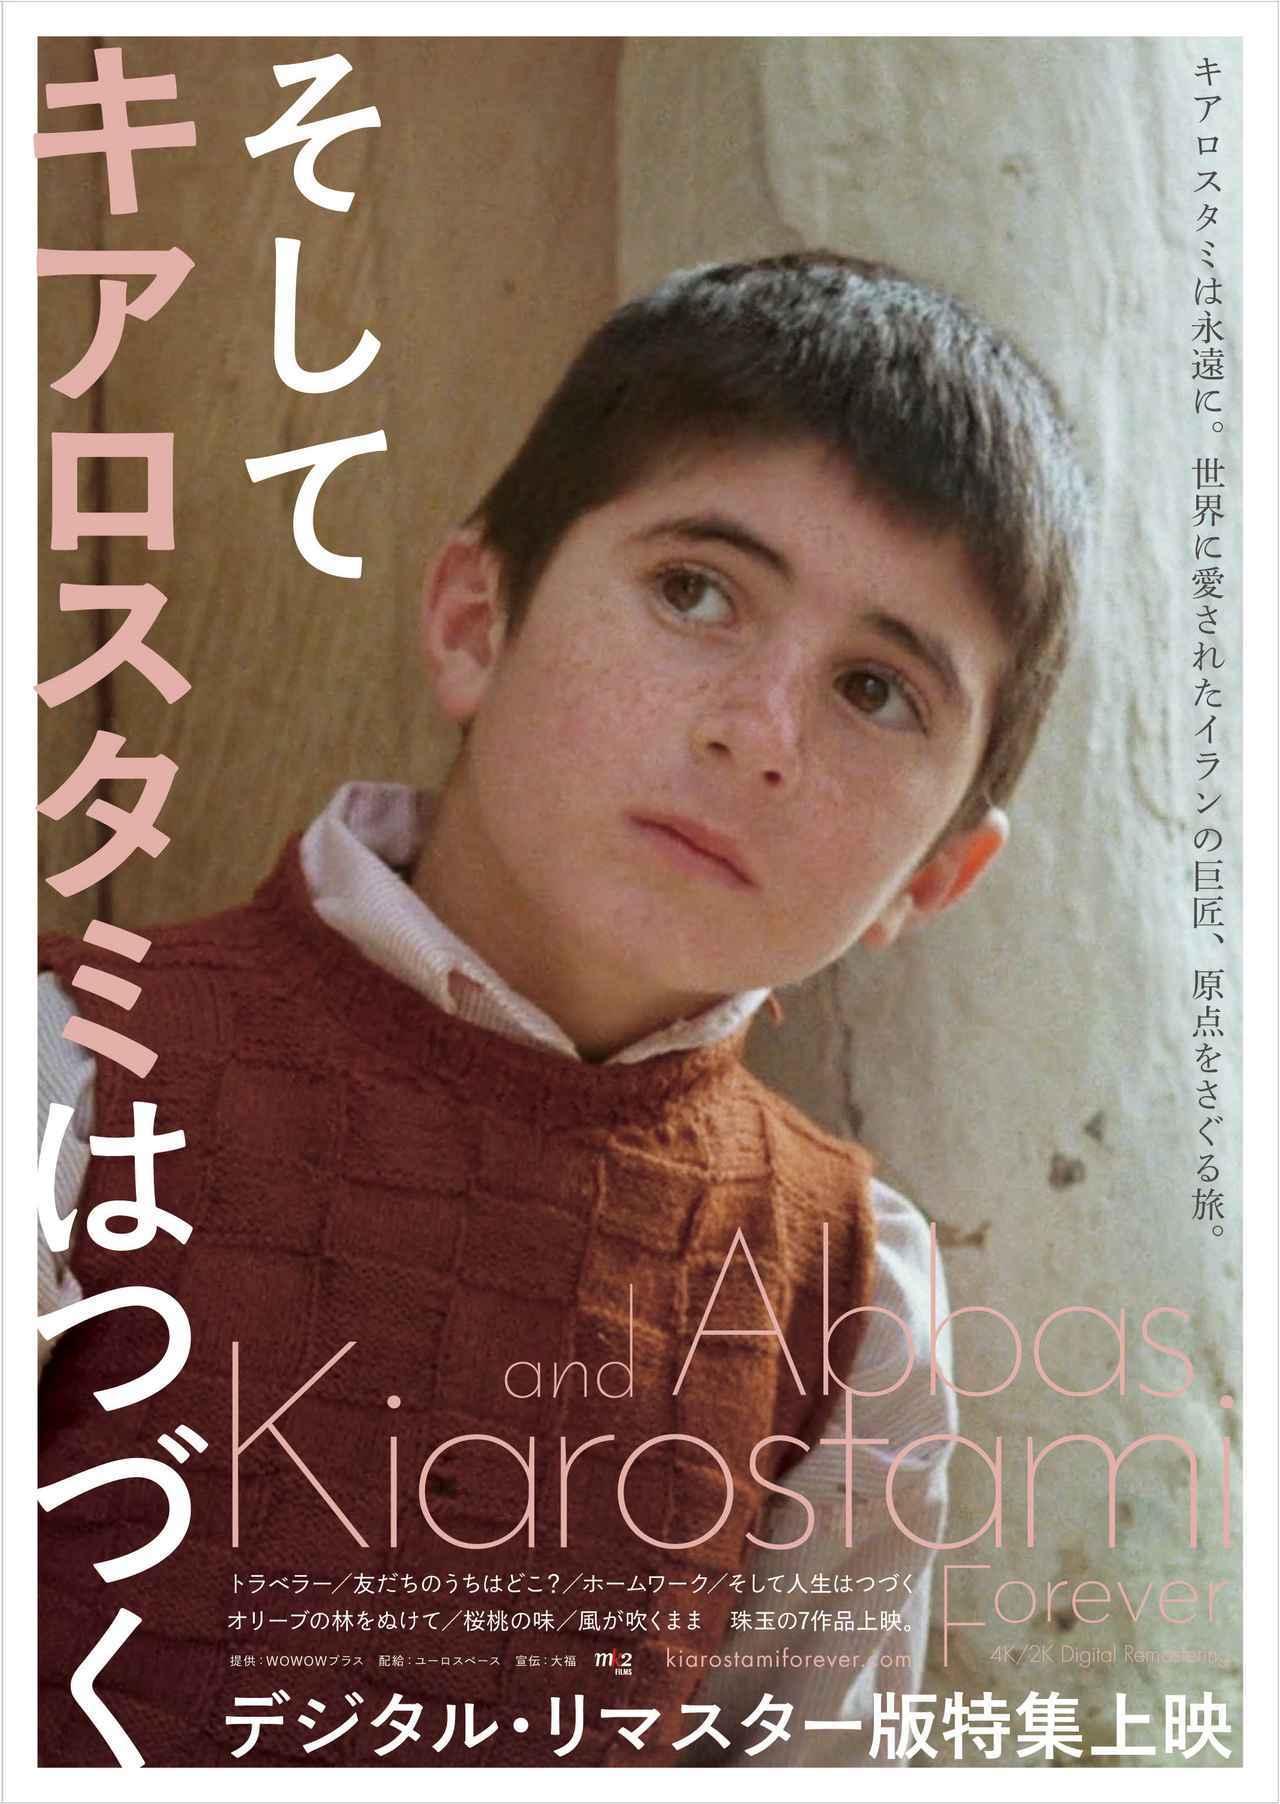 画像1: イラン映画の巨匠アッバス・キアロスタミ監督 生誕 81 年、没後5年を記念して、 世界中で愛される、ジグザグ道三部作を中心に、 初期の珠玉の名作がスクリーンによみがえる。